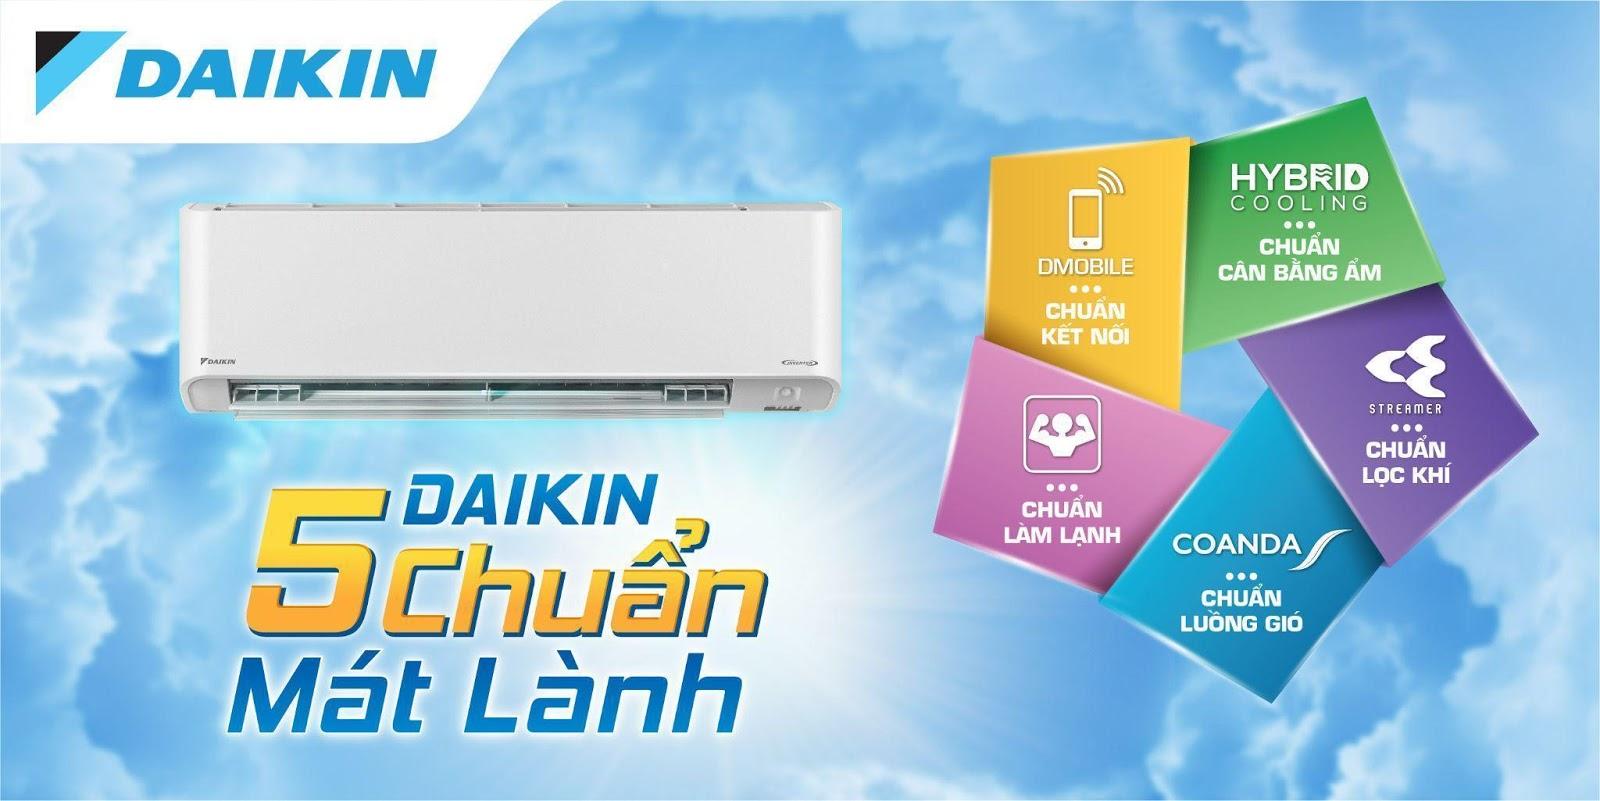 Loạt công nghệ mới trên điều hòa flagship 16 triệu đồng của Daikin